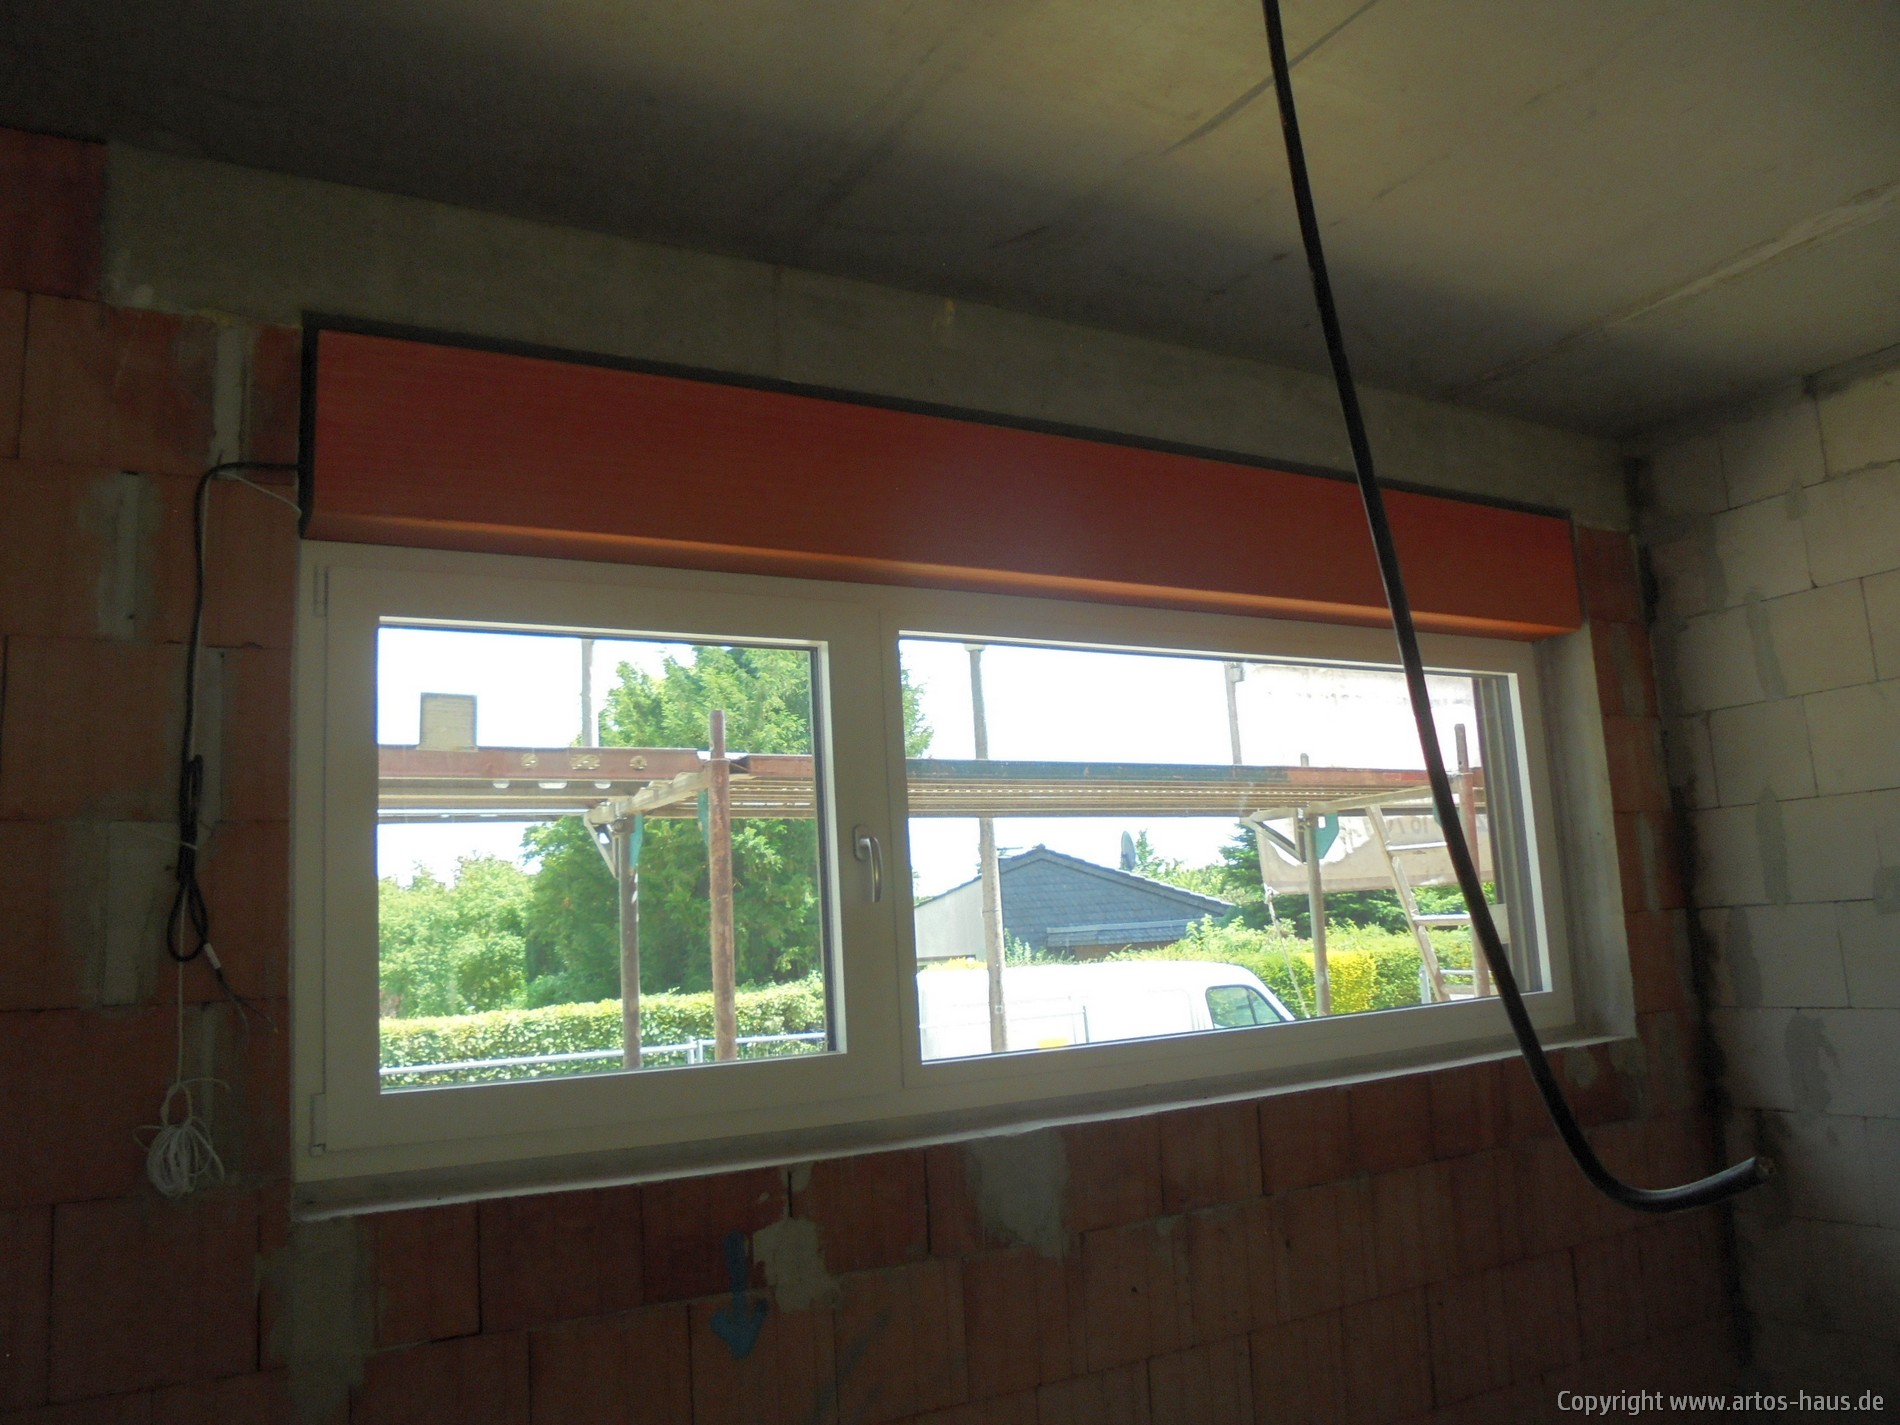 Einbau Fenster Bild 3 | ARTOS HAUS